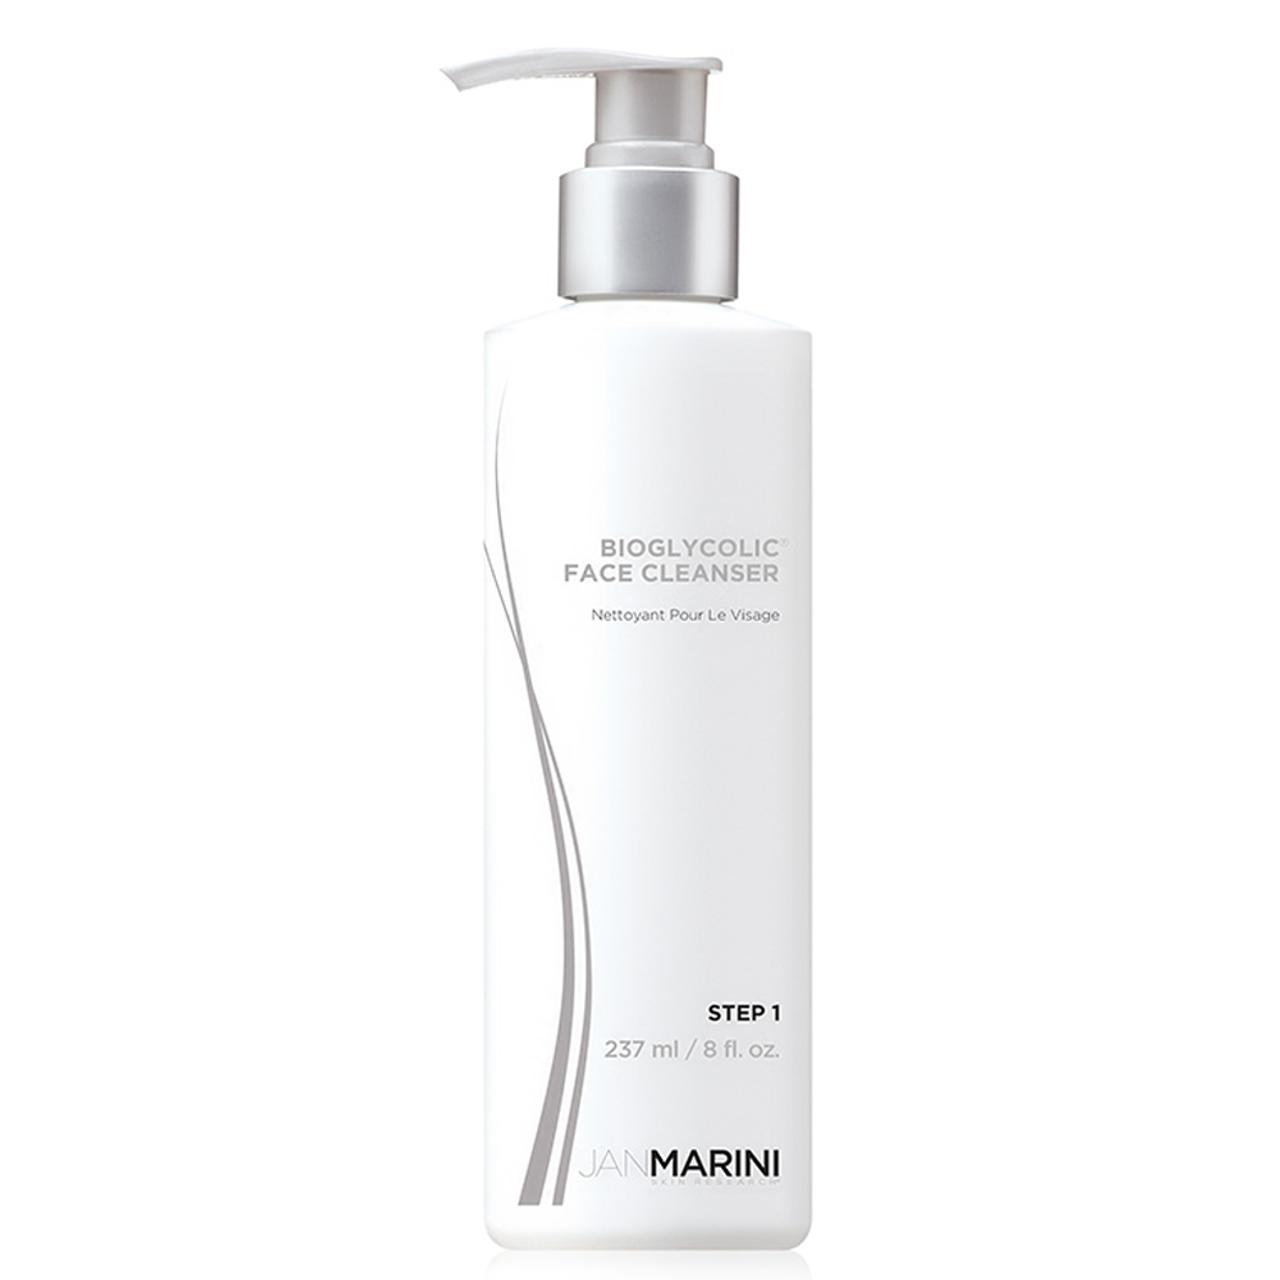 Jan Marini Bioglycolic Facial Cleanser BeautifiedYou.com